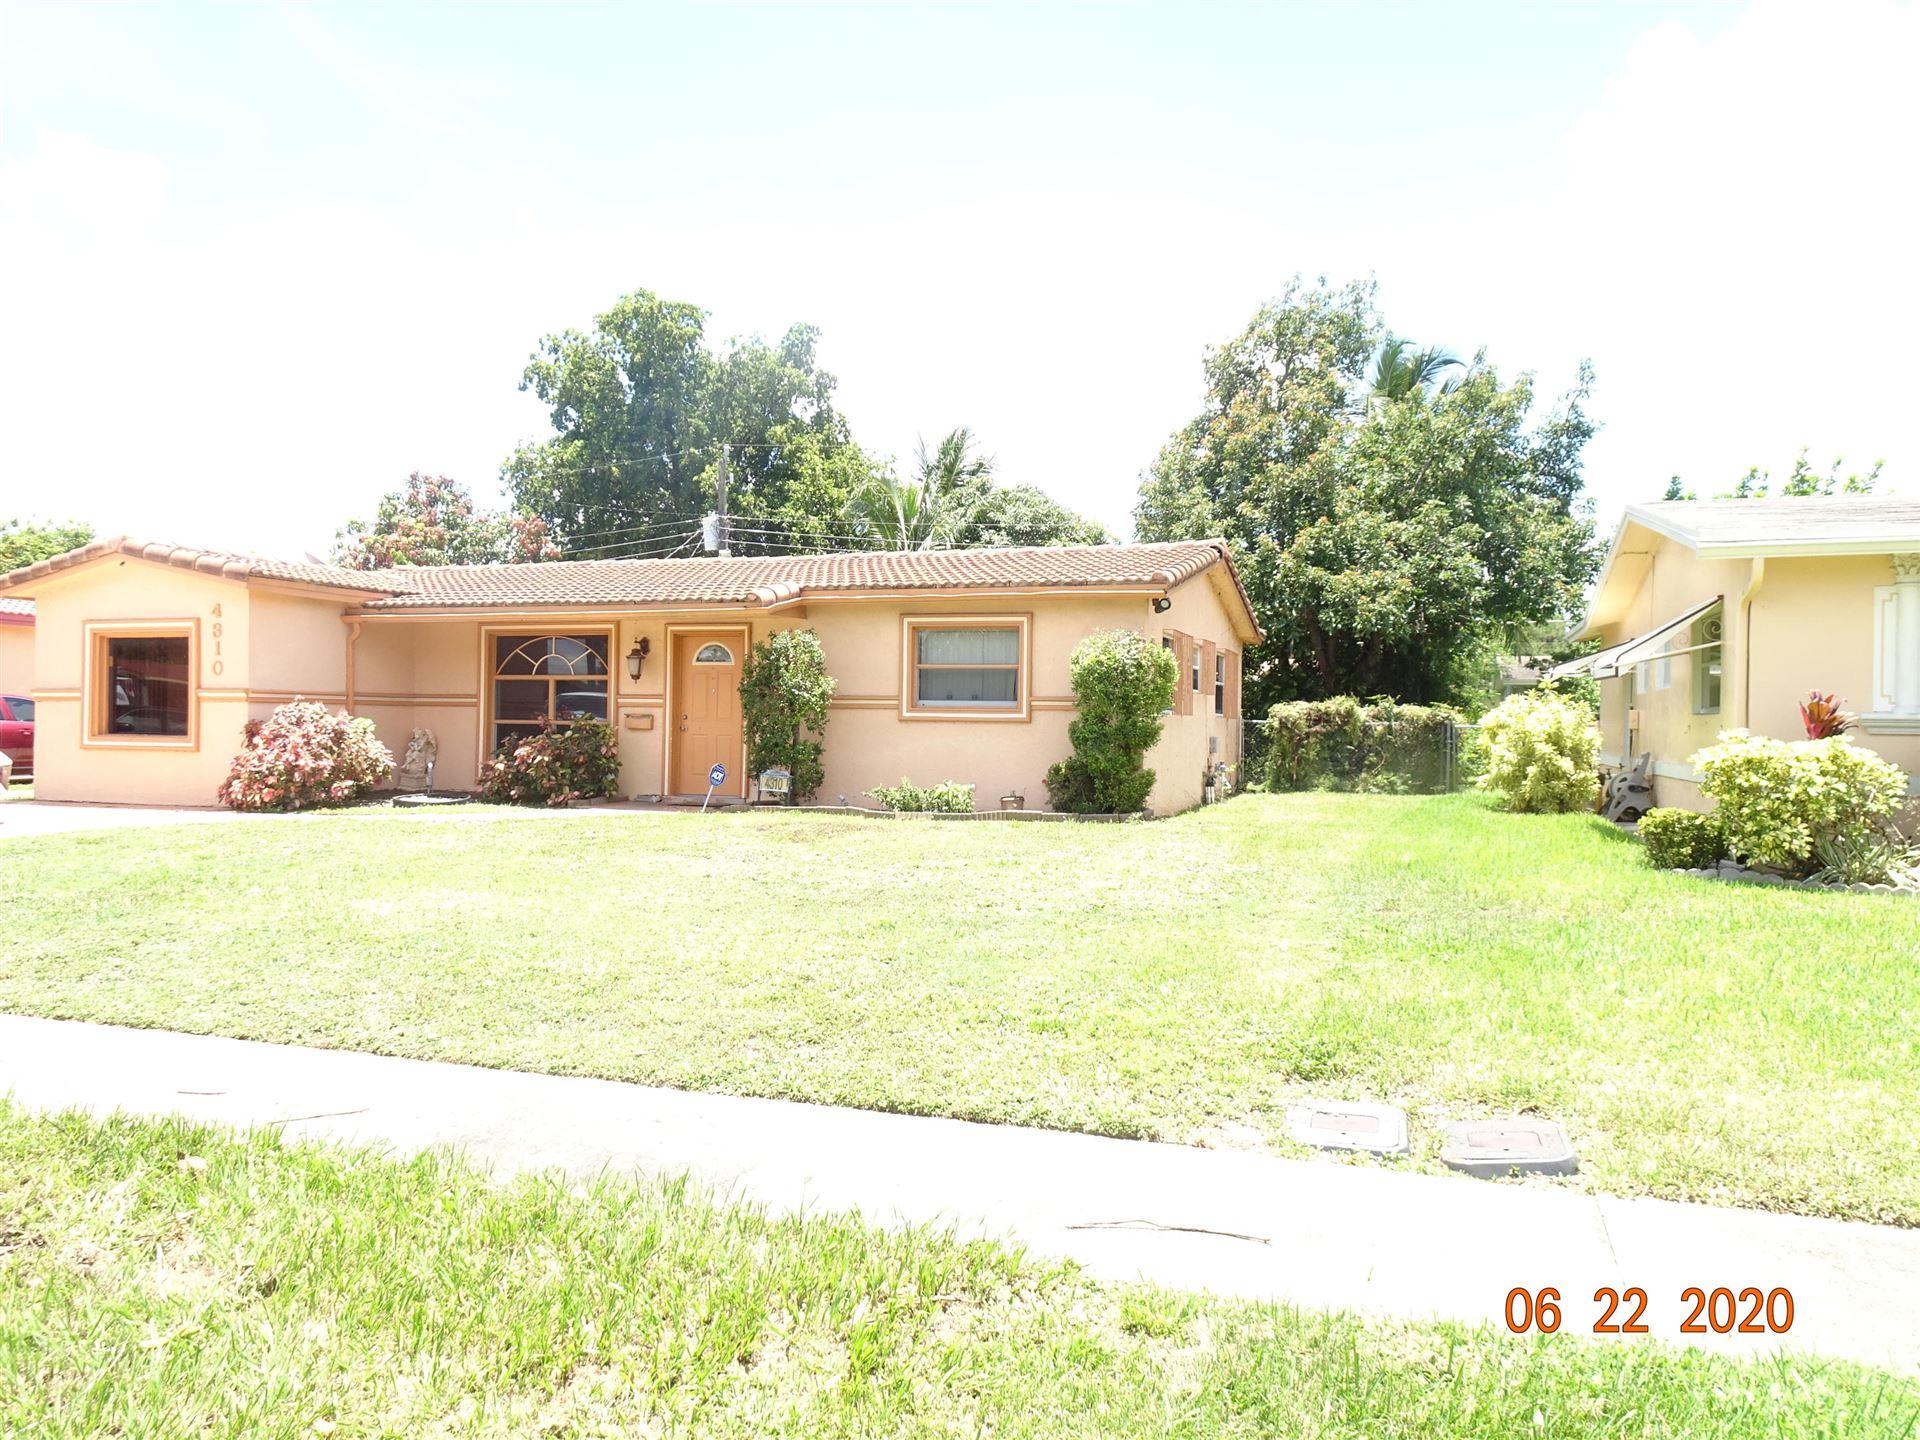 Photo of 4310 NW 22 Street, Lauderhill, FL 33313 (MLS # RX-10748351)